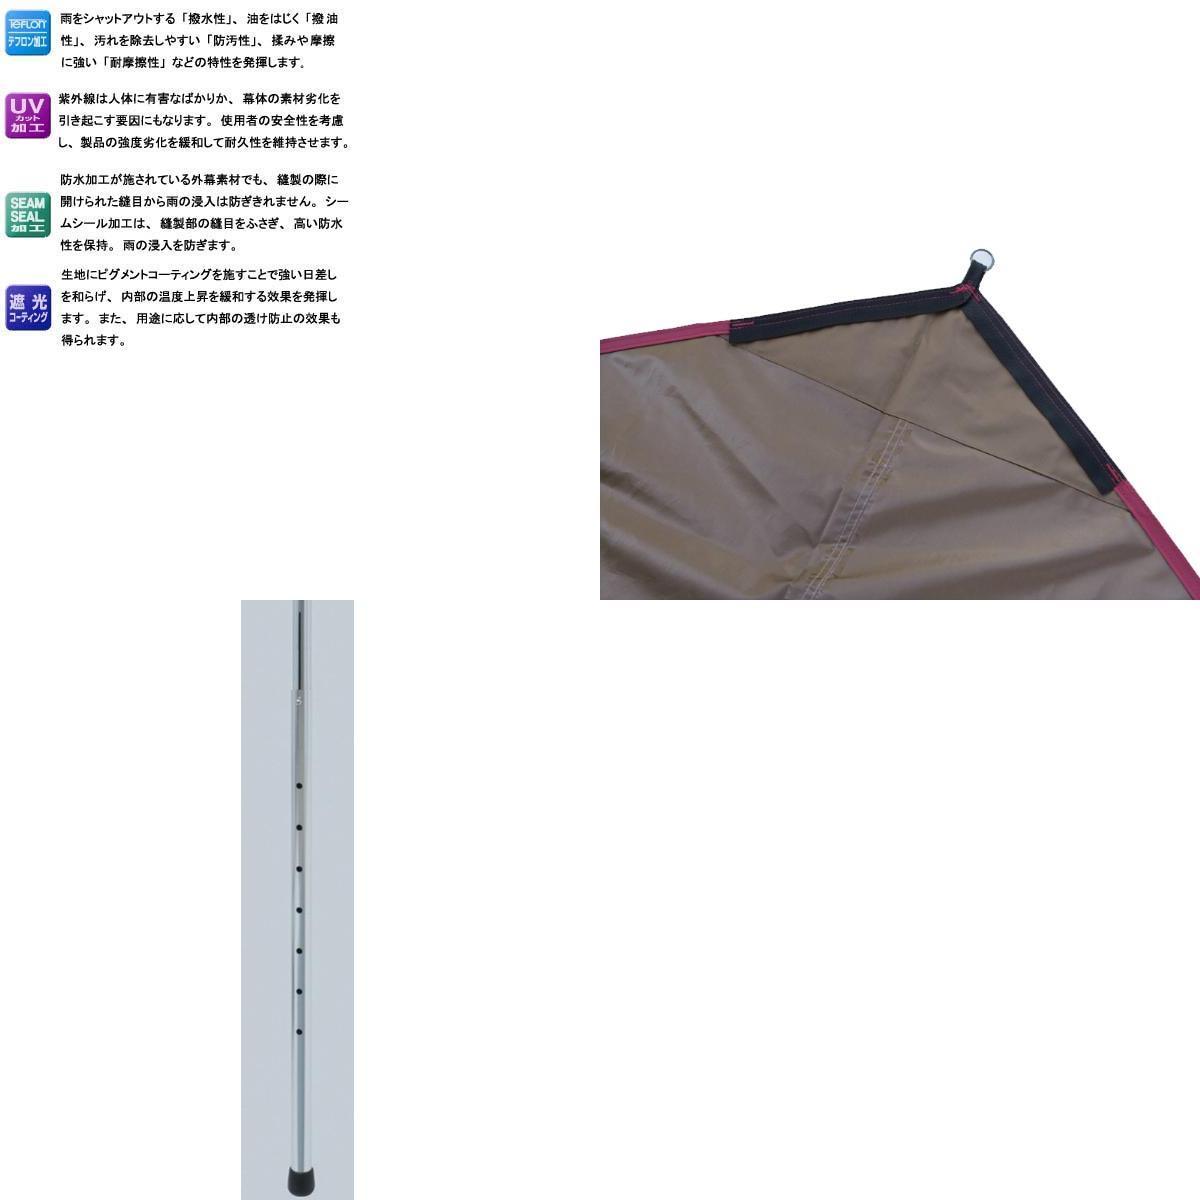 ogawa(小川キャンパル) フィールドタープヘキサDX ブラウン×サンド×レッド 3333